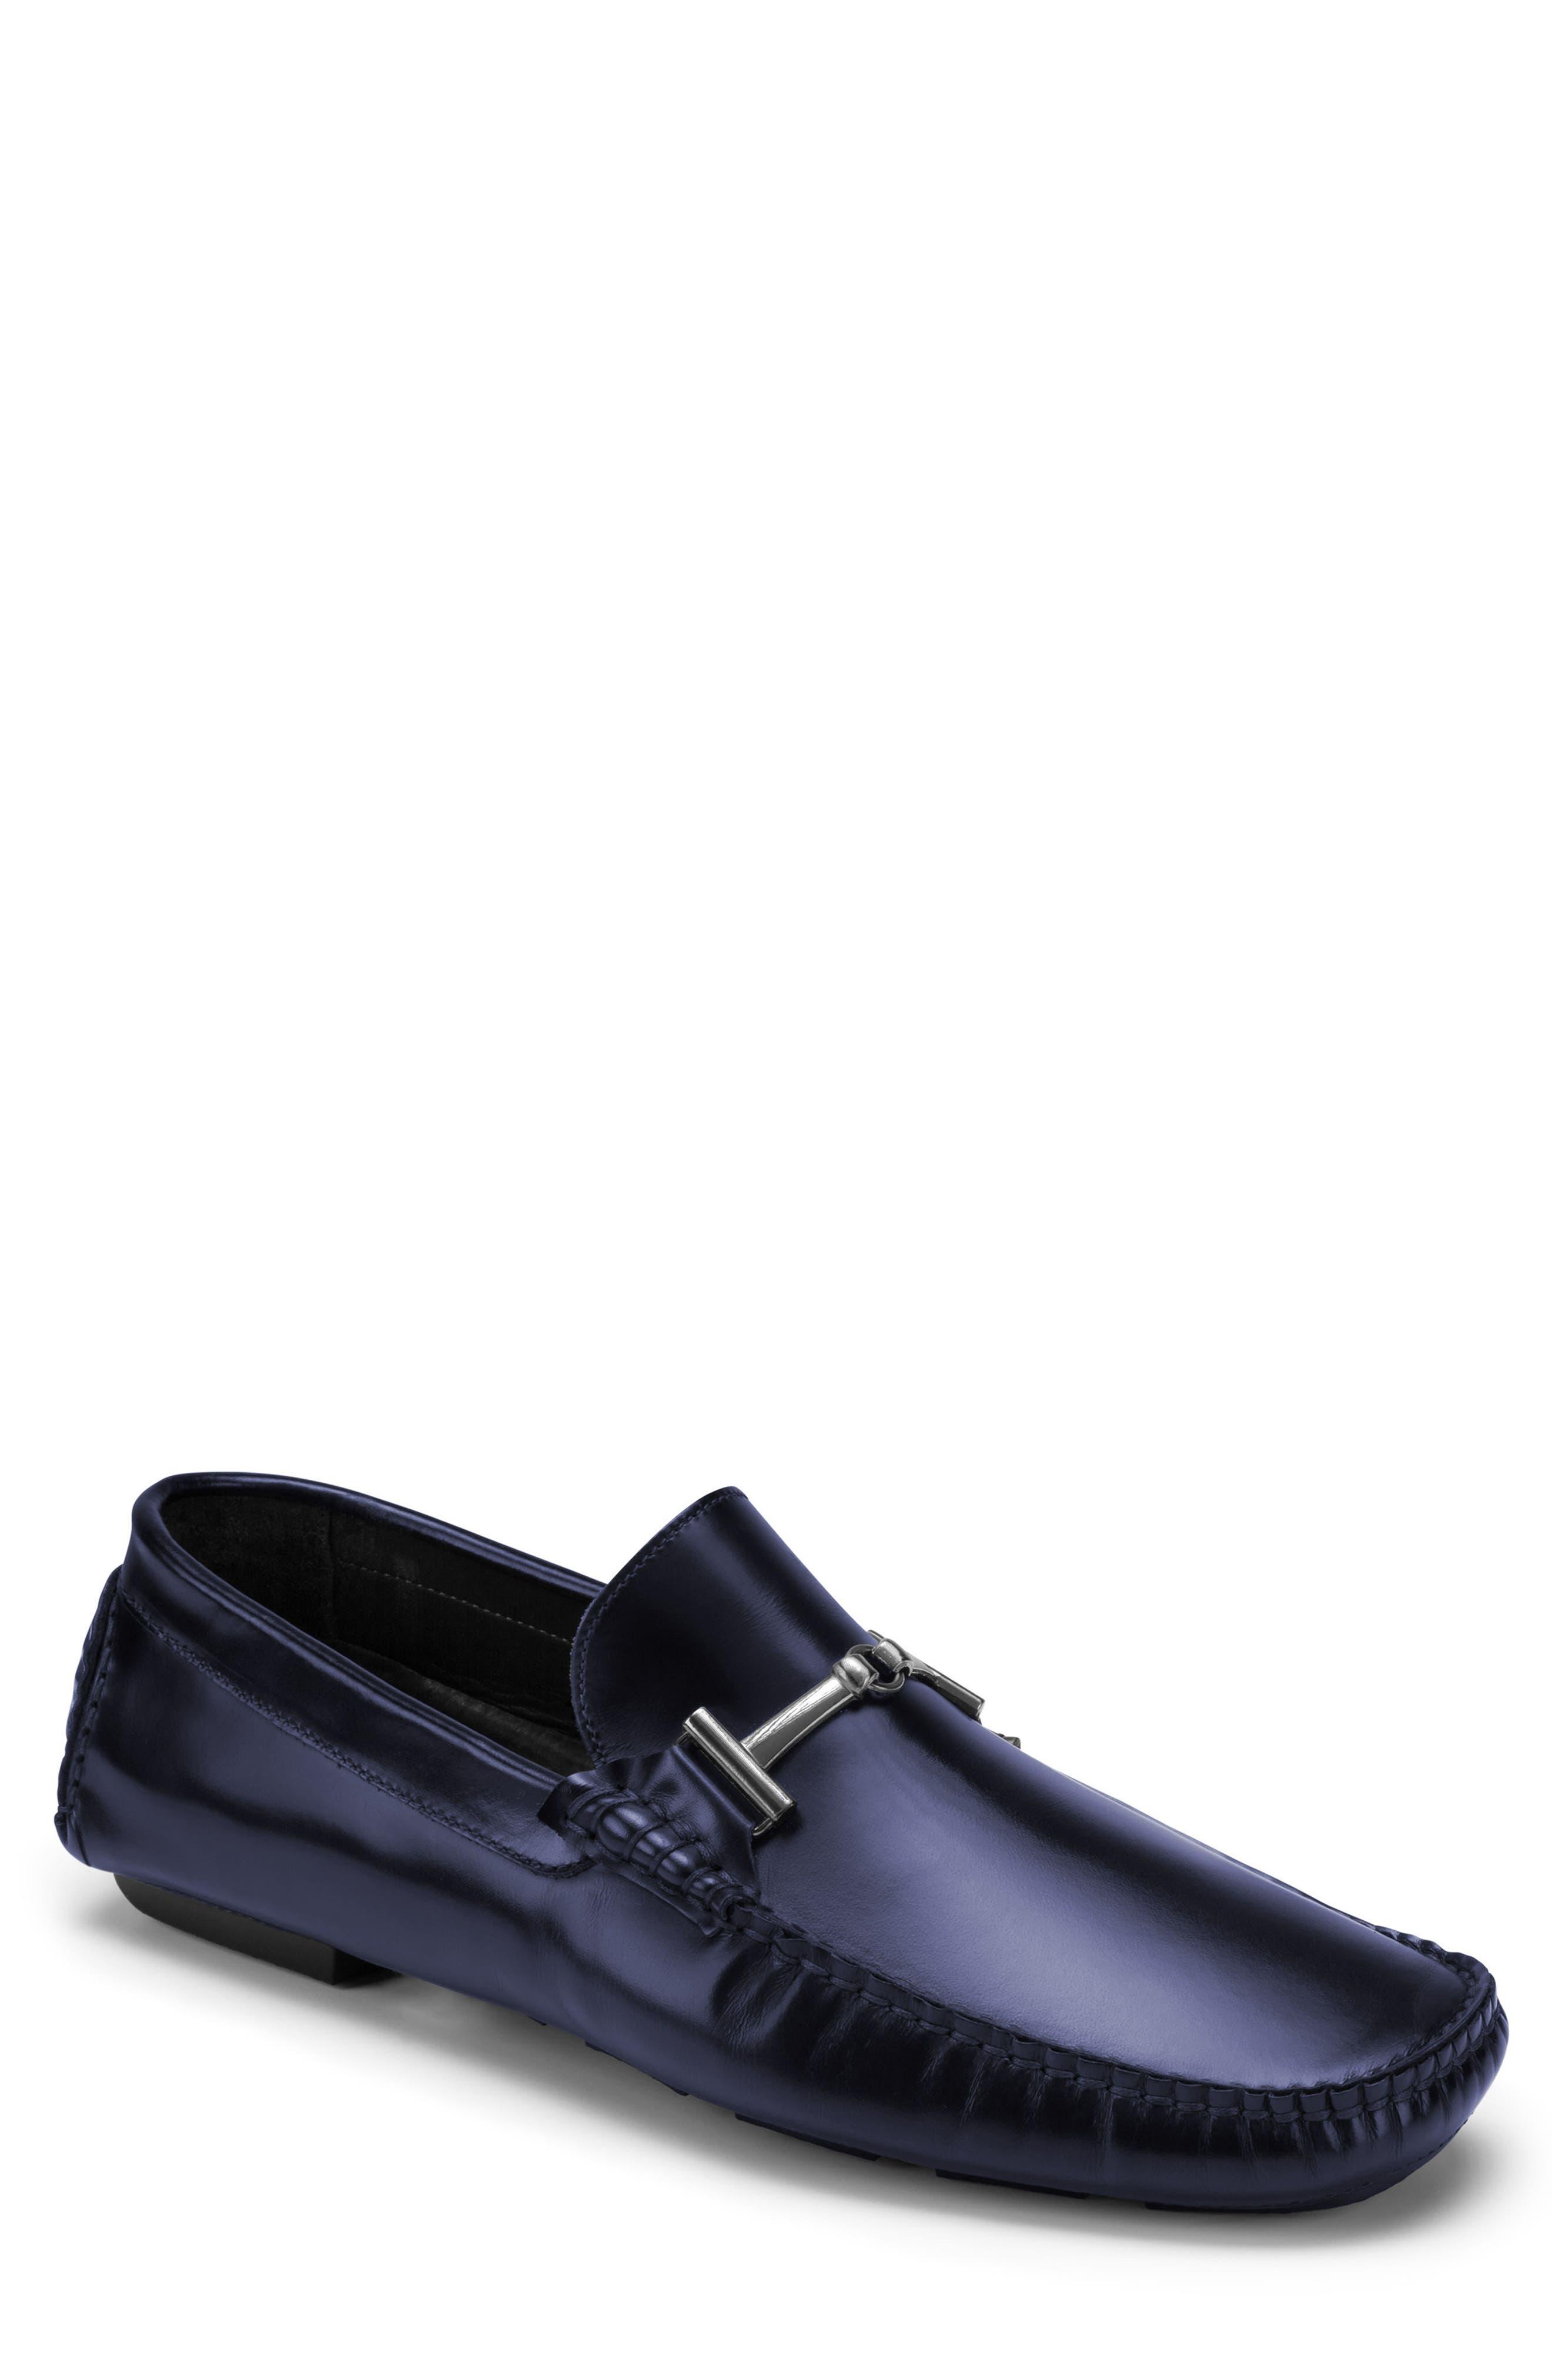 St. Tropez Driving Shoe,                         Main,                         color, Blue Leather